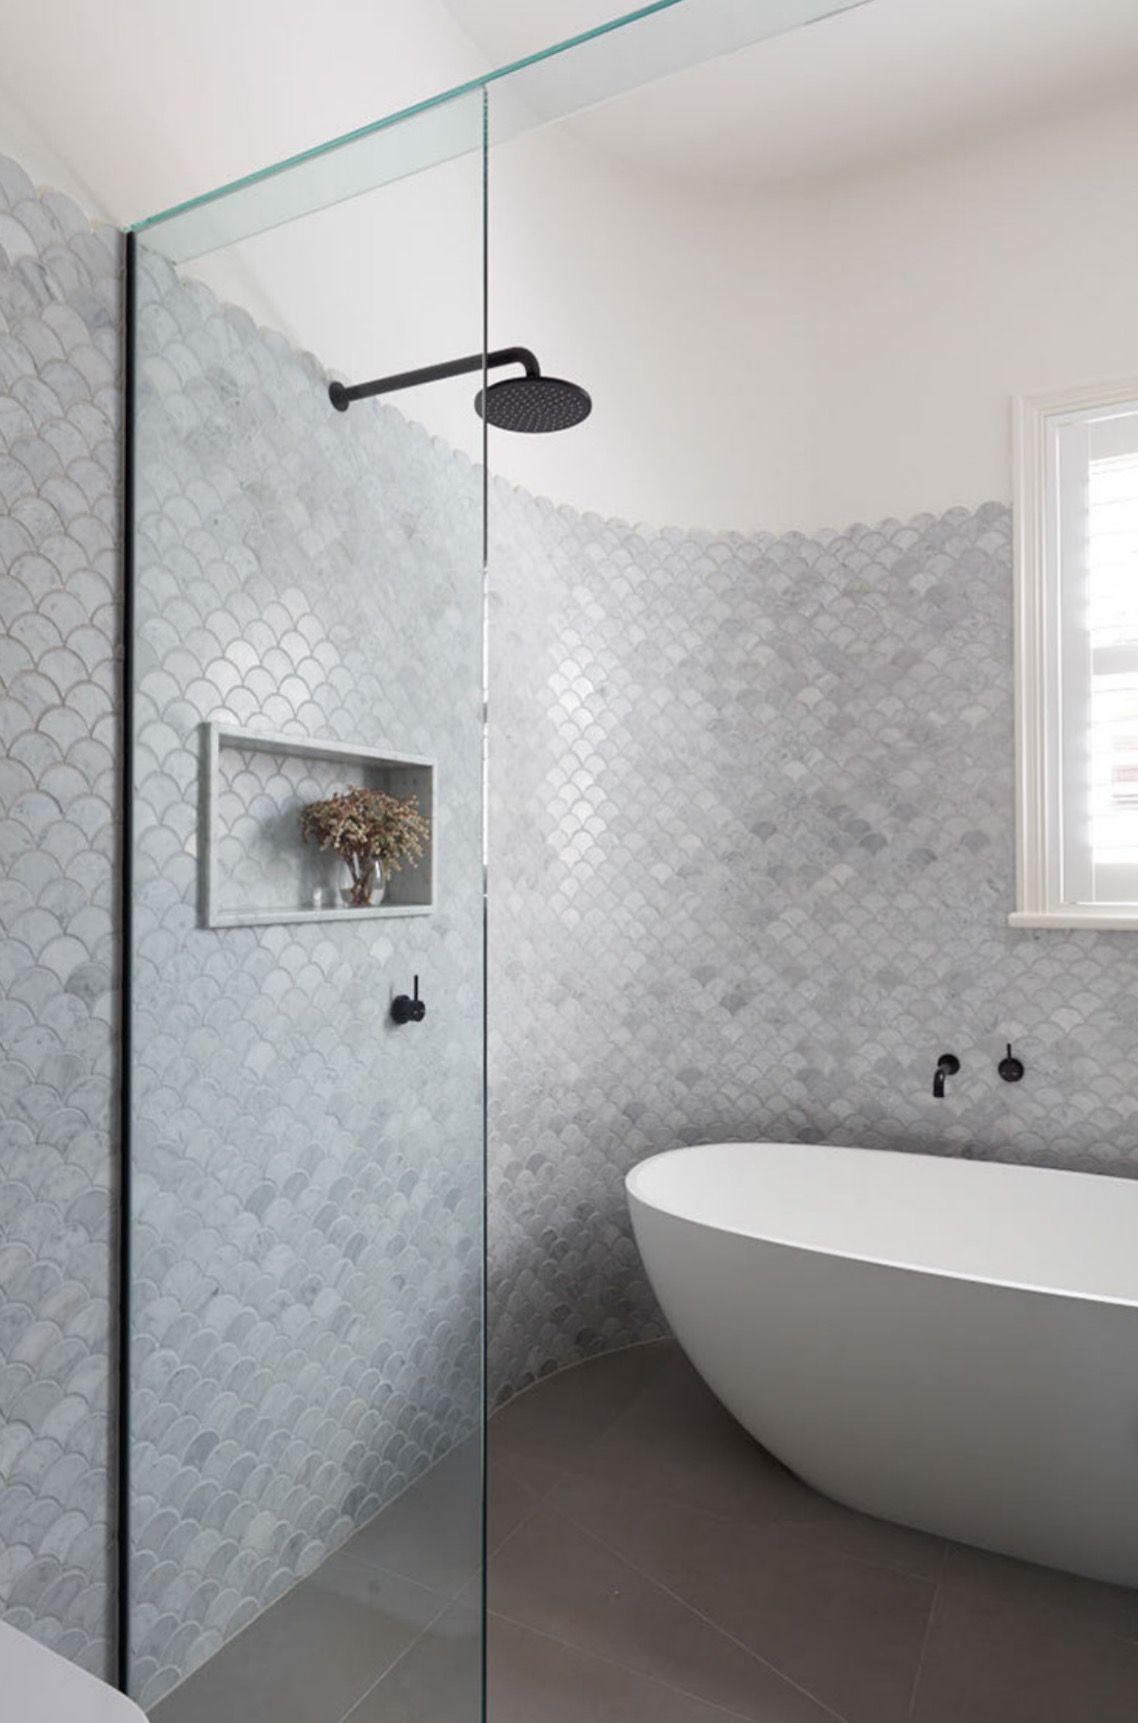 Einbaulautsprecher Badezimmer | Bluetooth Lautsprecher Badezimmer ...